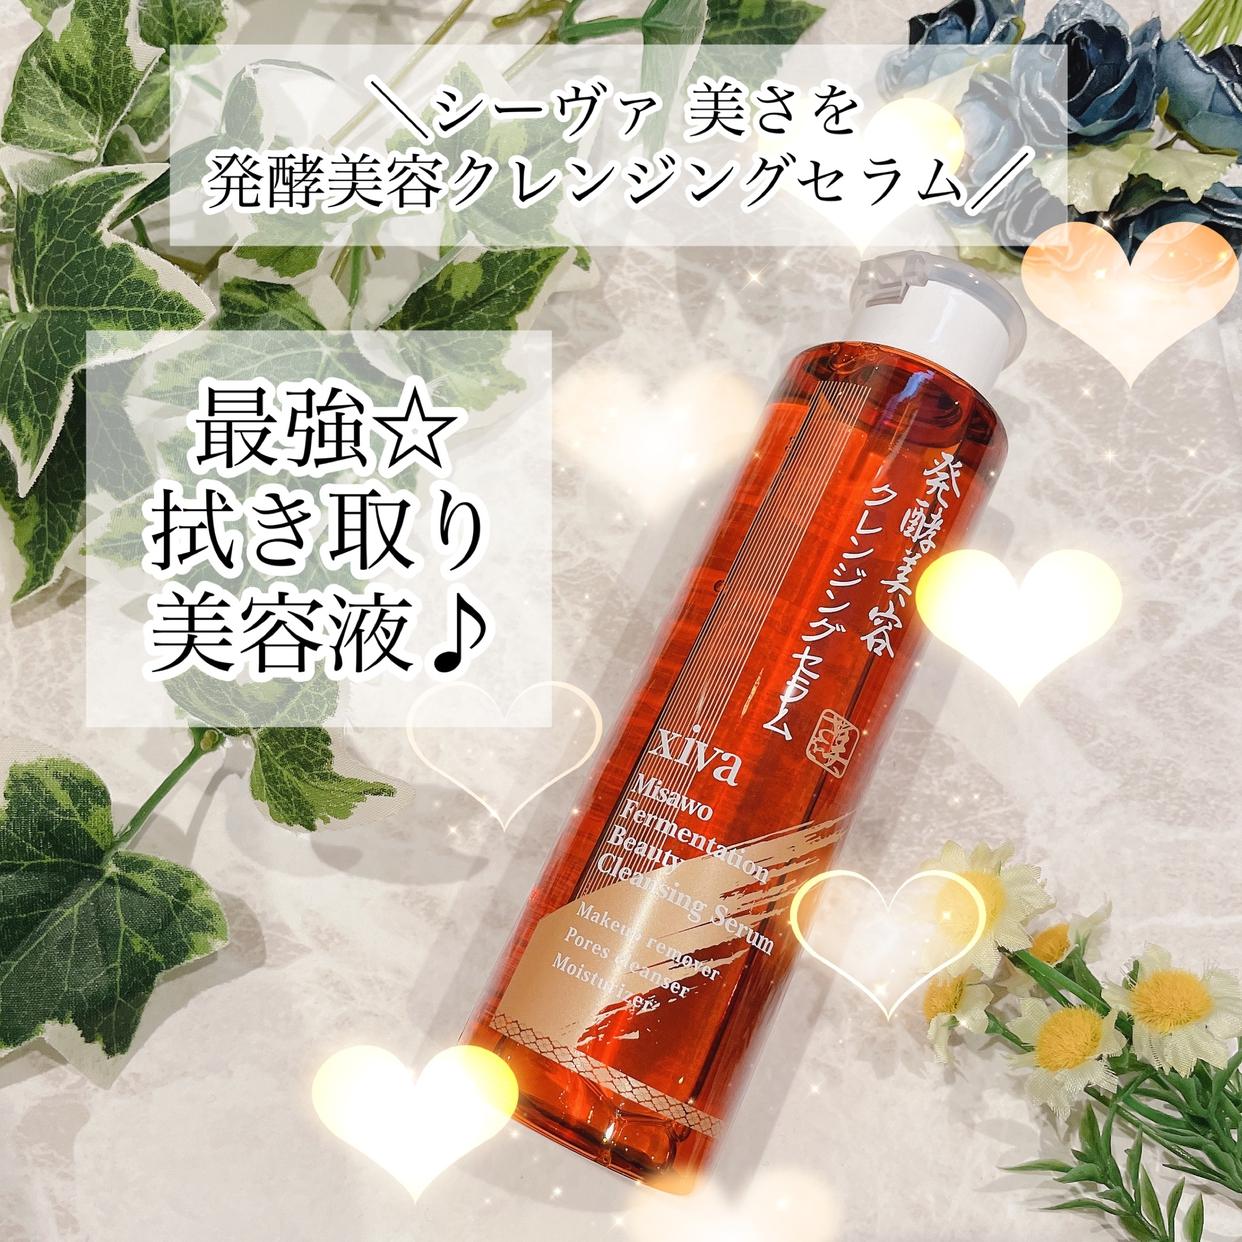 シーヴァ 美さを 発酵美容クレンジングセラムを使ったひとみんさんのクチコミ画像1